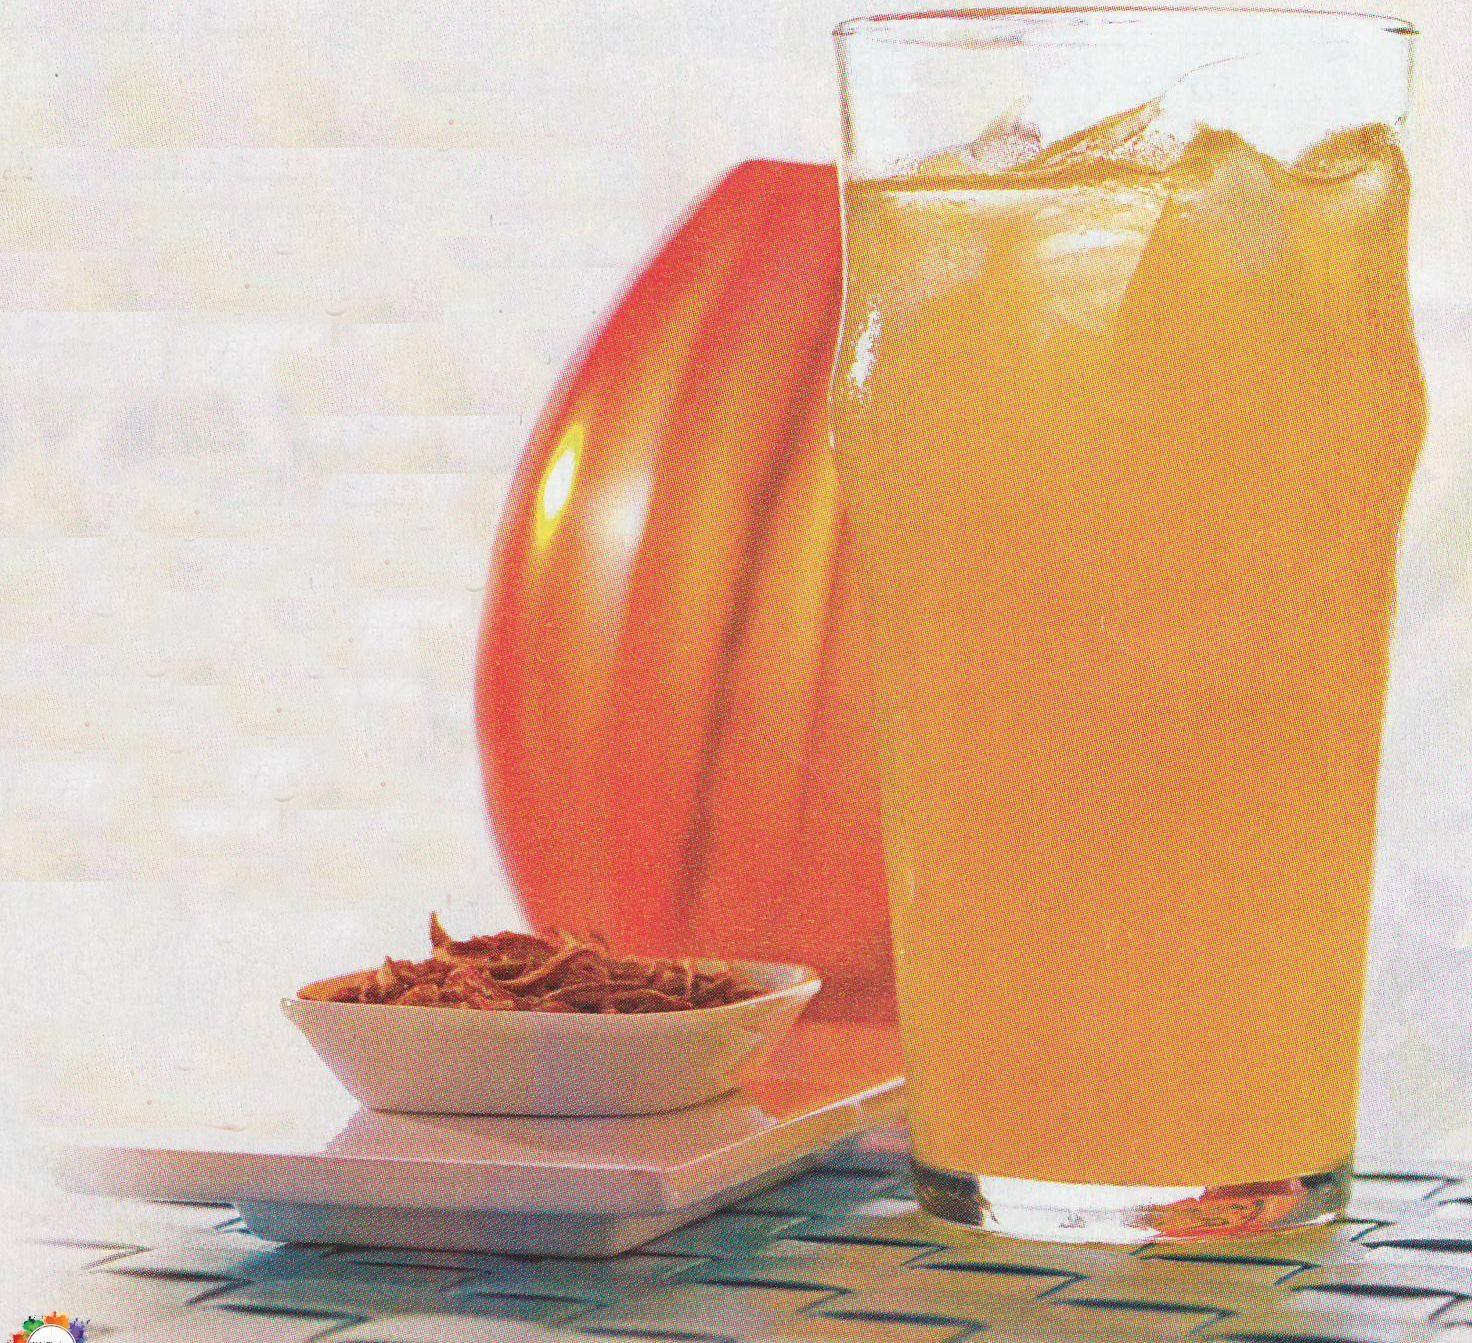 چگونه شربت بهارنارنج پرتقالی درست کنیم؟